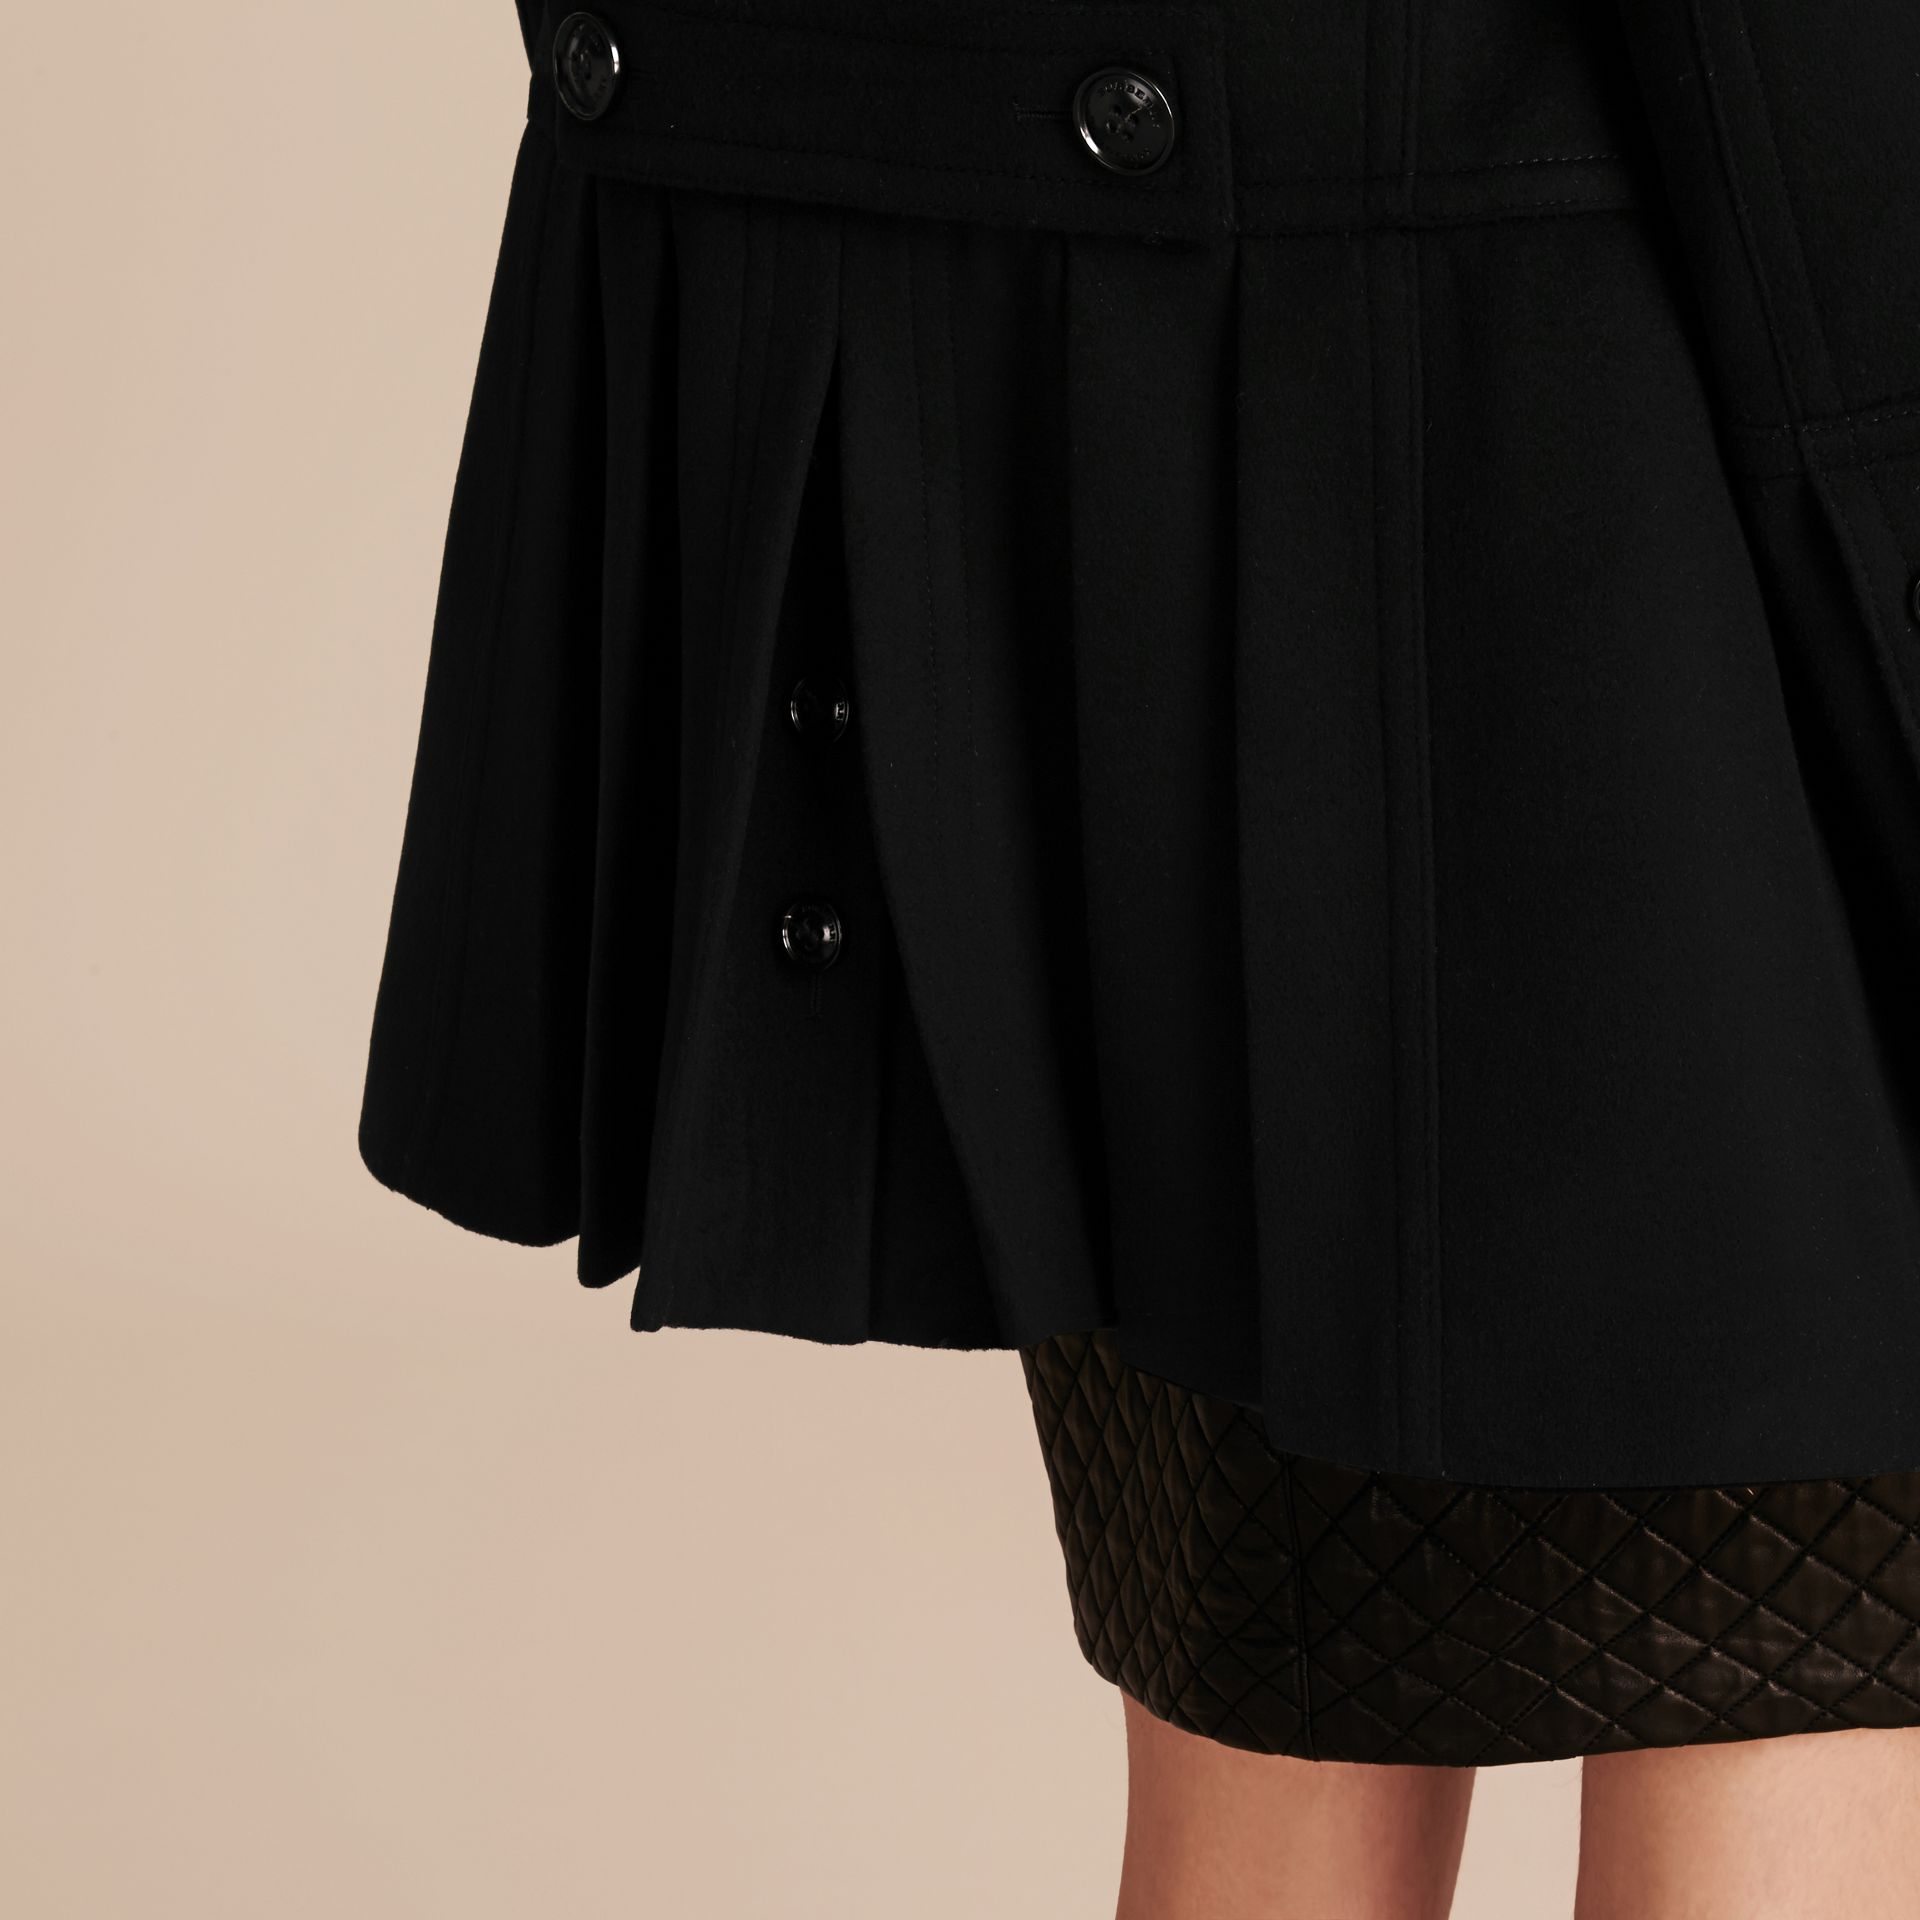 Nero Pea coat in lana e cashmere con collo amovibile in pelliccia - immagine della galleria 6